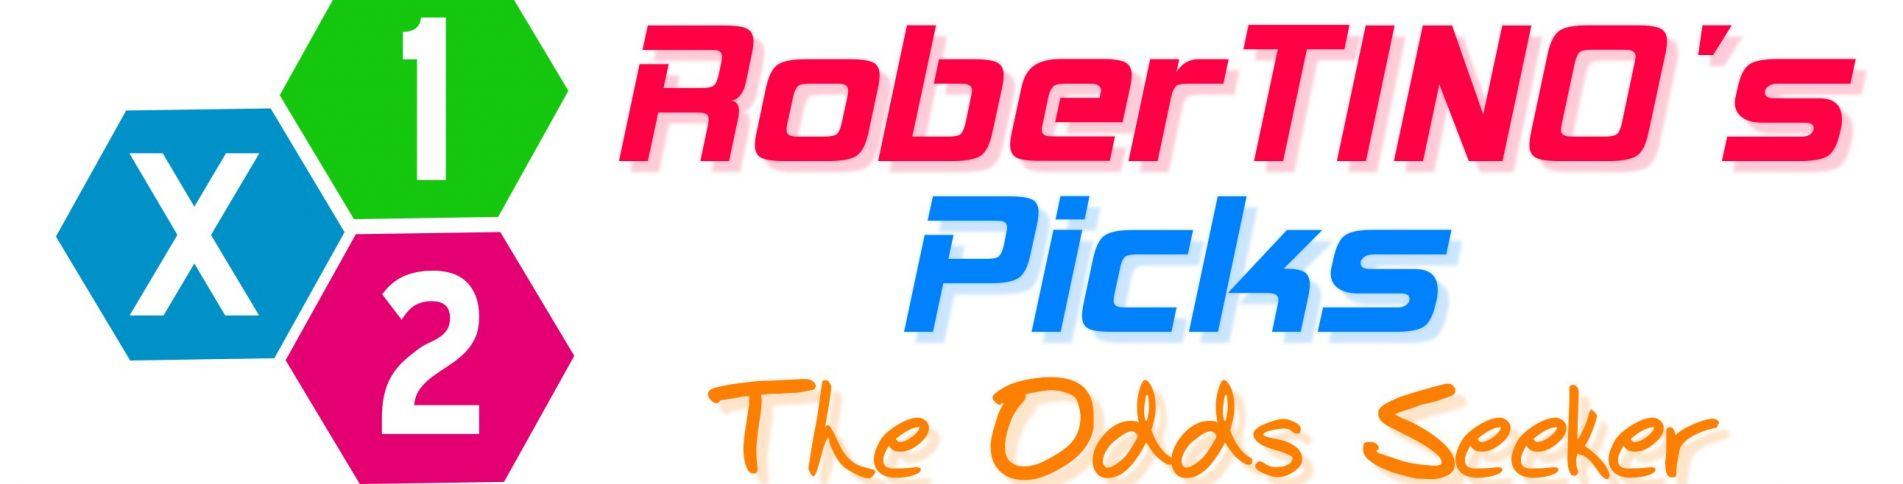 RoberTINO's Pick